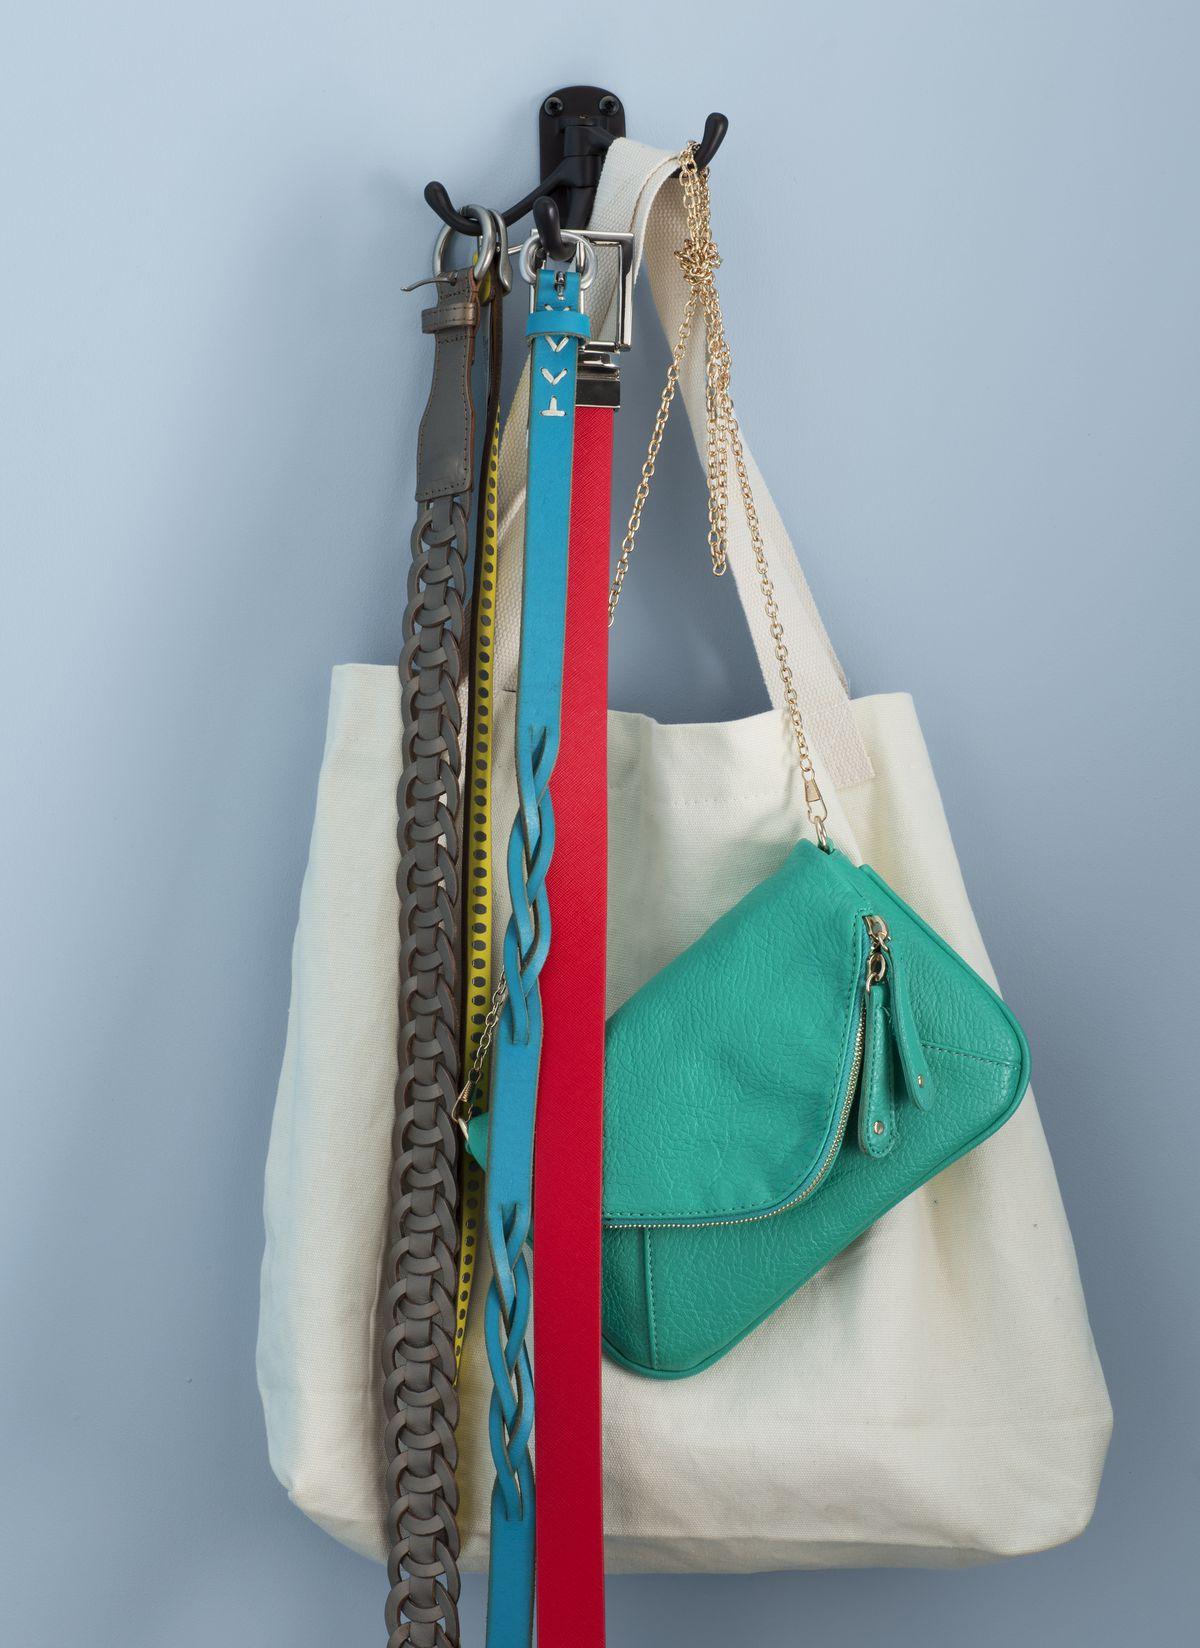 Three-Way Hook to help redo your bedroom closet